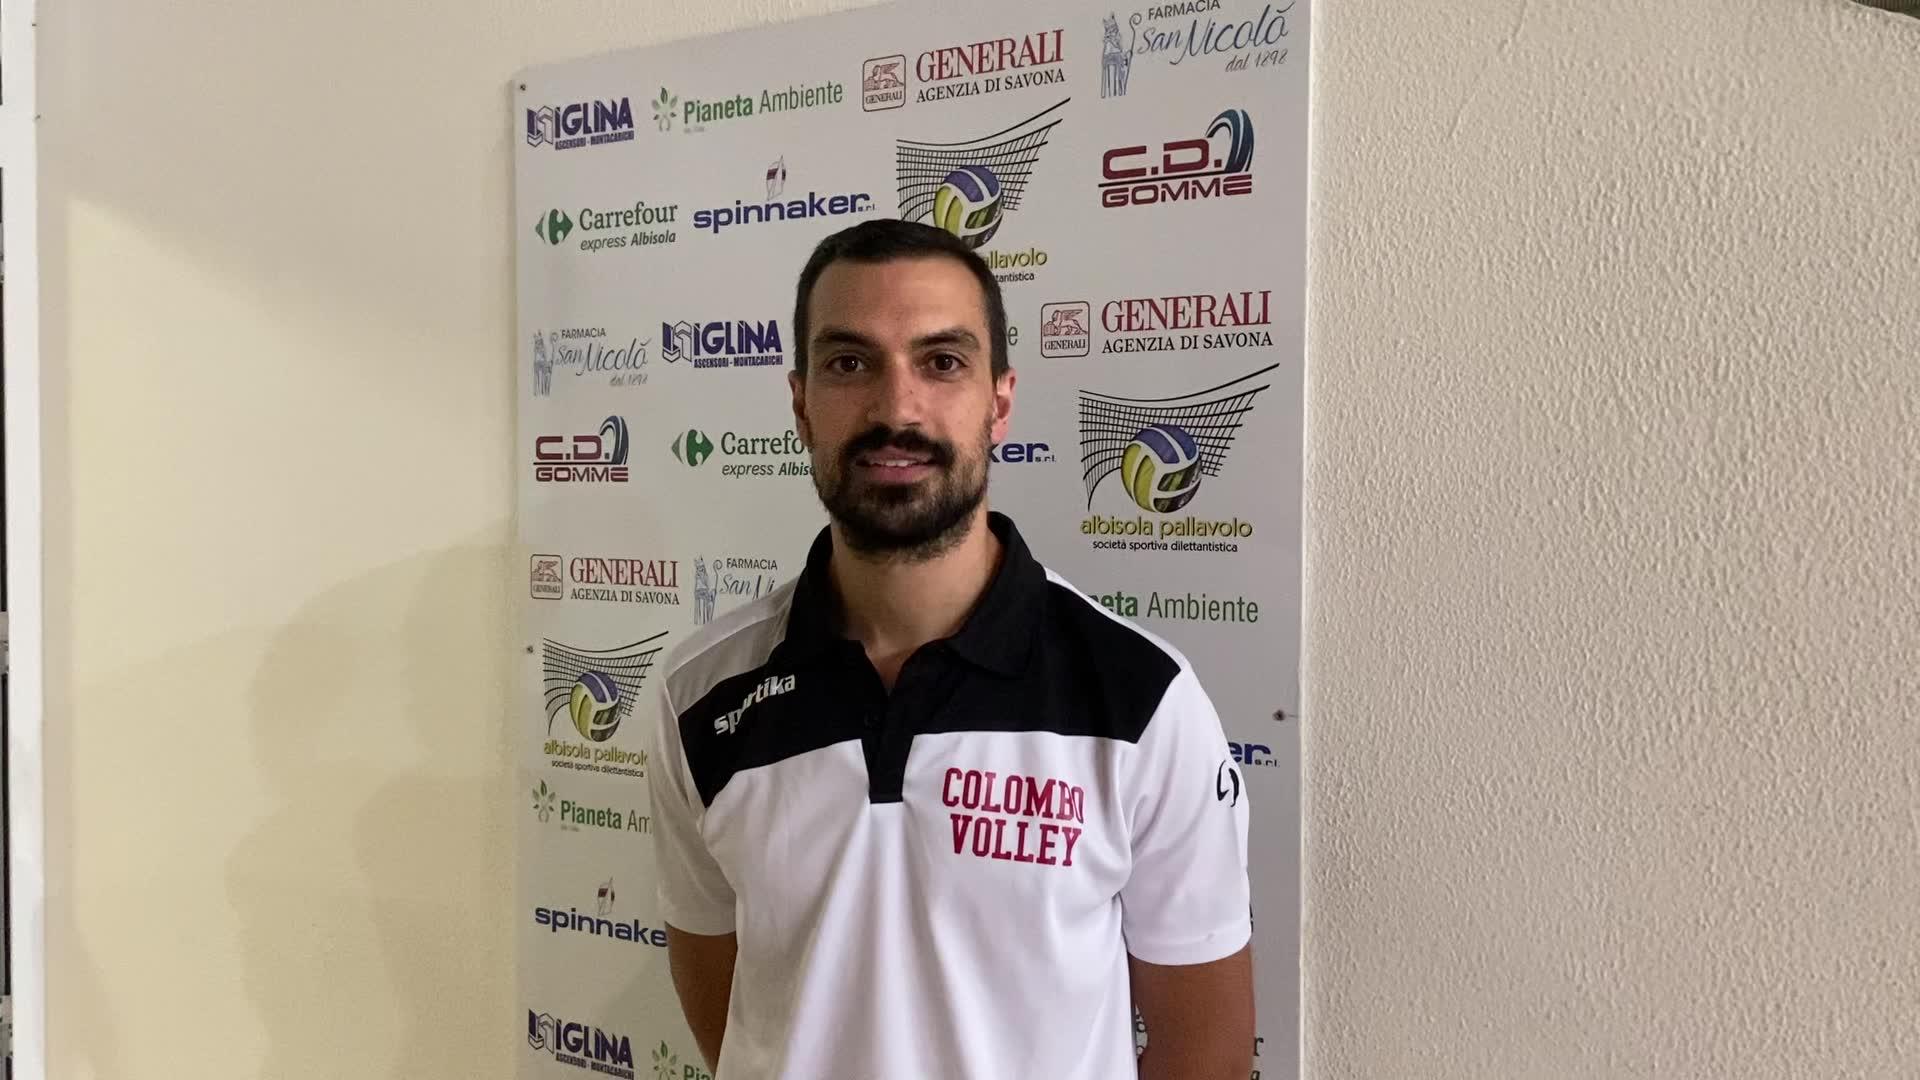 Colombo Genova, coach Lorenzo Bottaro analizza la vittoria dei suoi